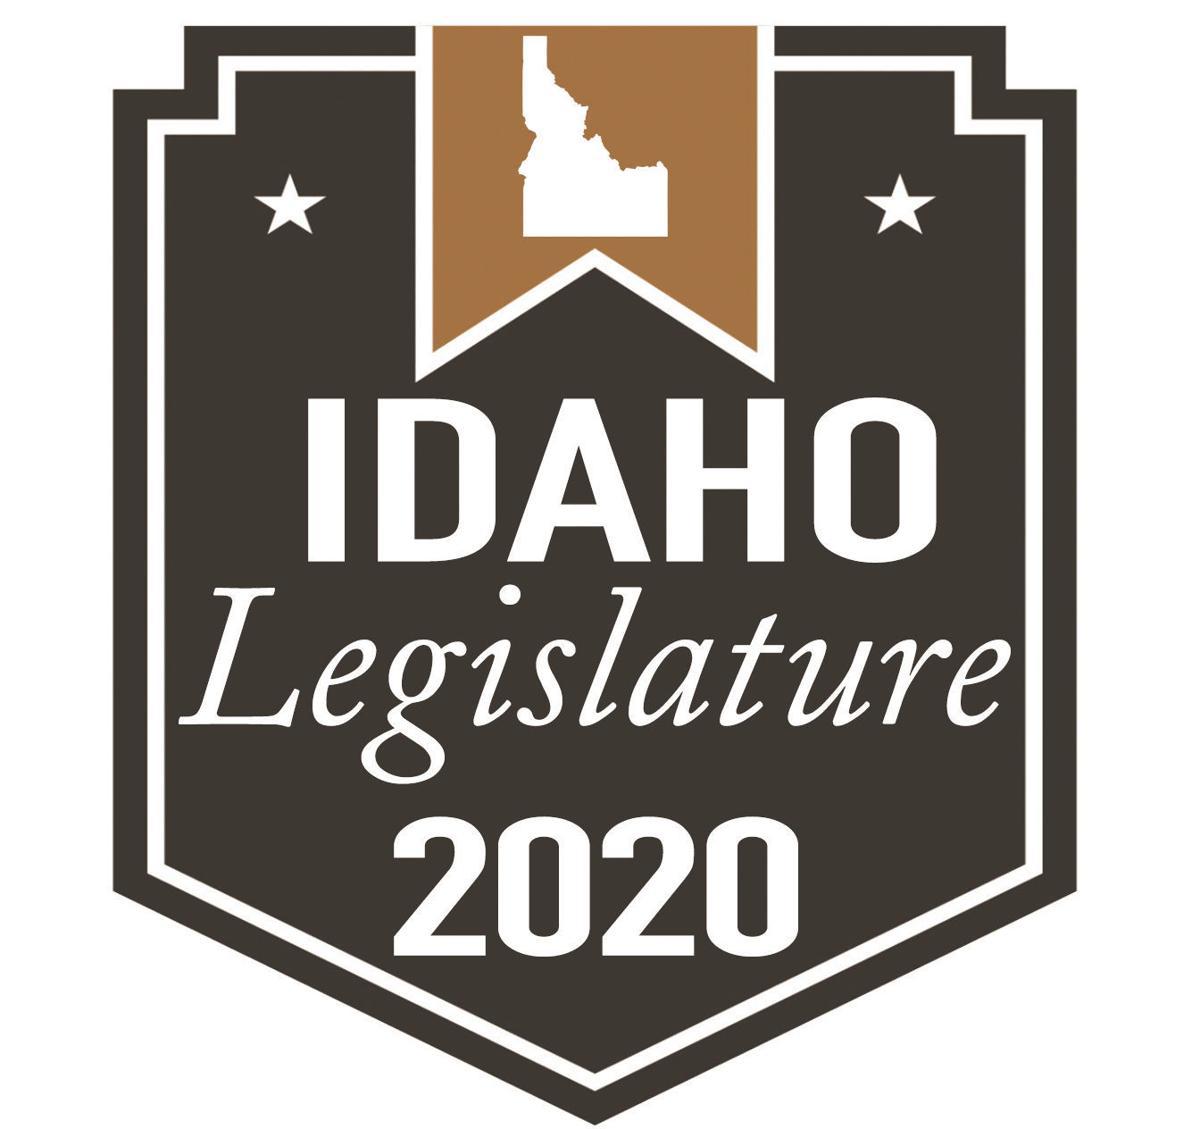 2020 leg logo Post Register